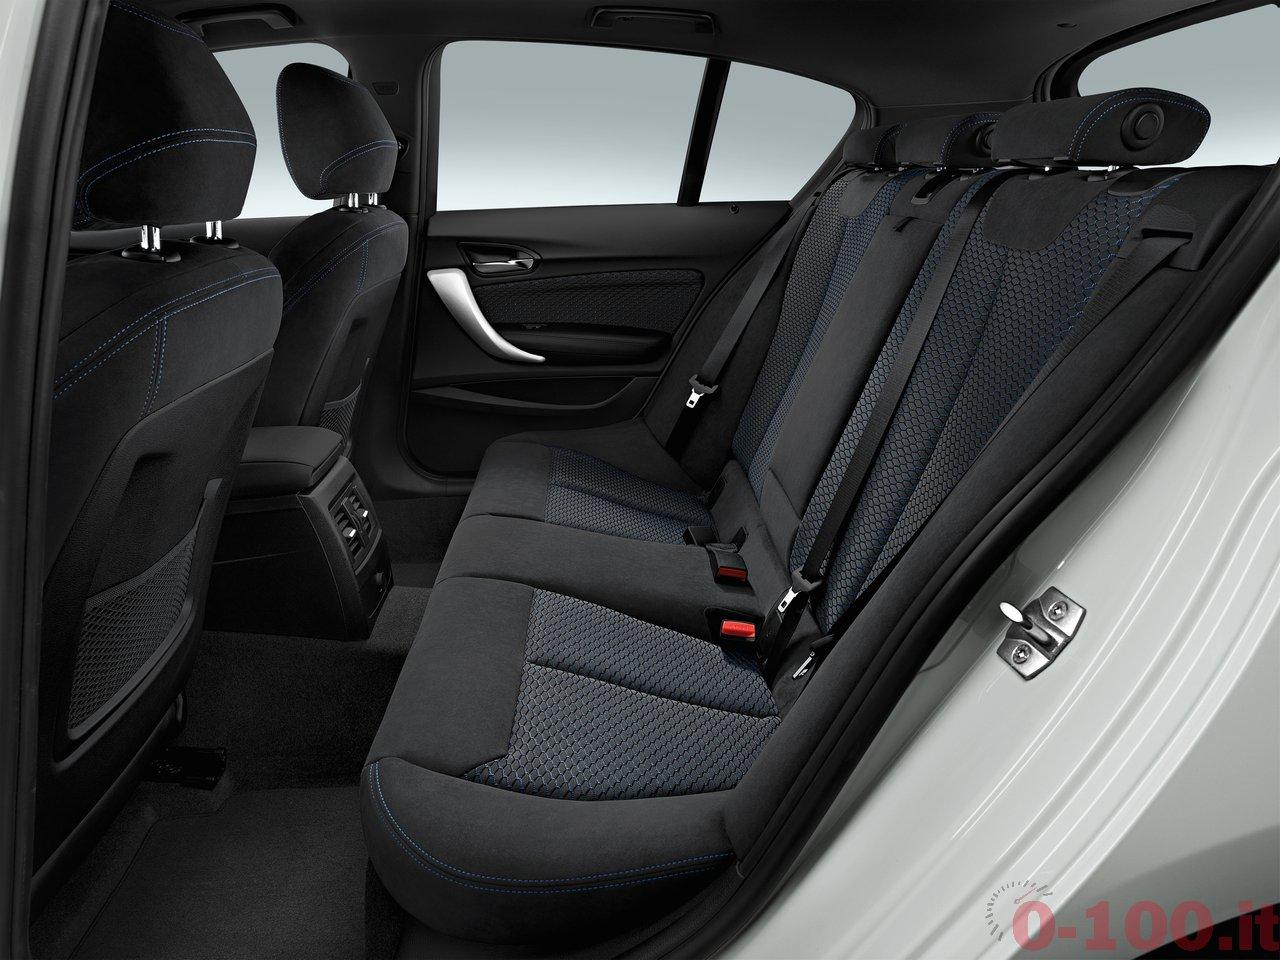 BMW-serie-1-2015_116d-118d-120d-125d-116i-118i-120i-125i-135i-0-100_55